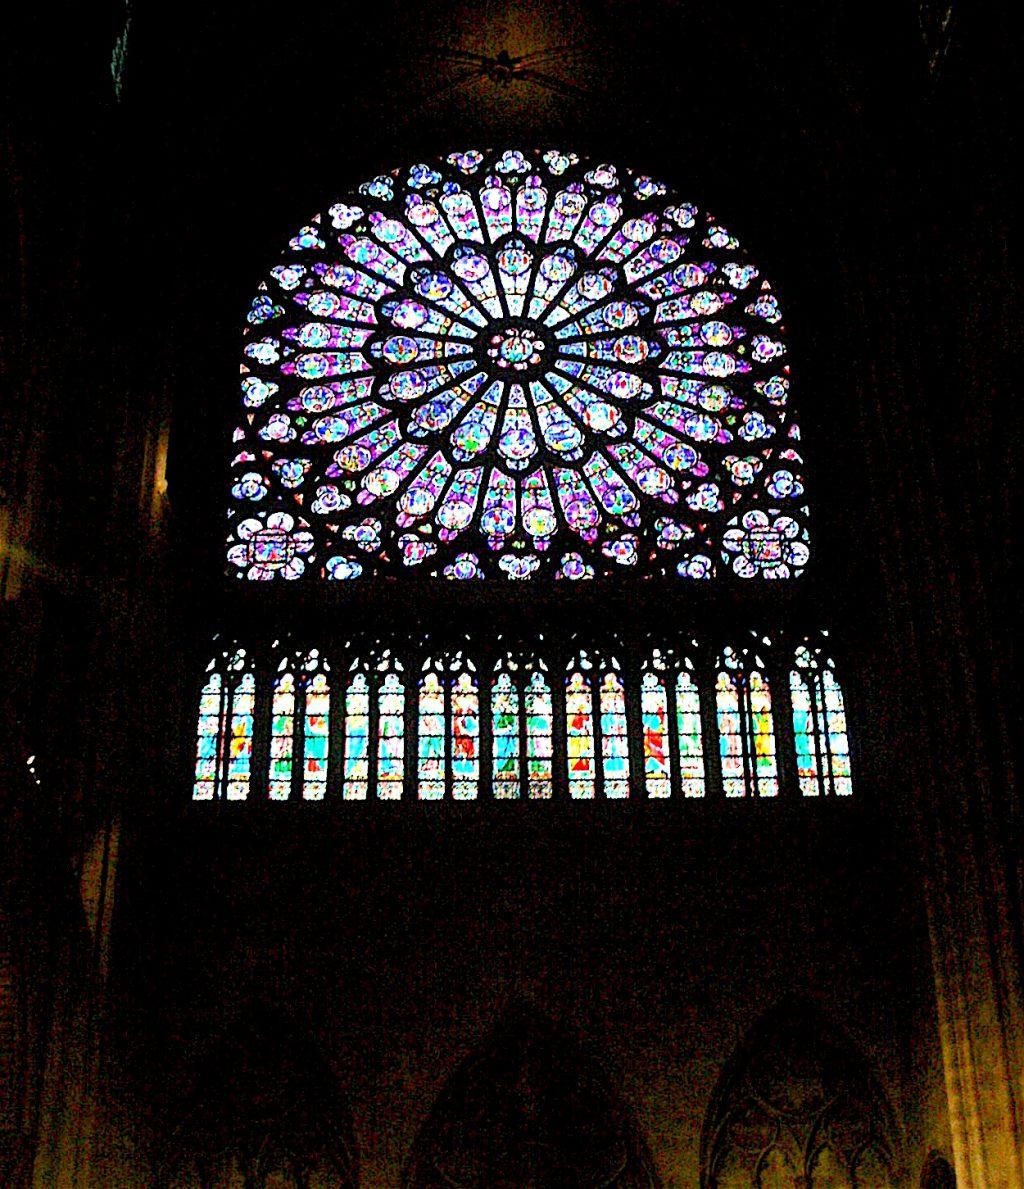 Cathédrale Notre-Dame de Paris パリ・ノートルダム大聖堂、ステンドグラス